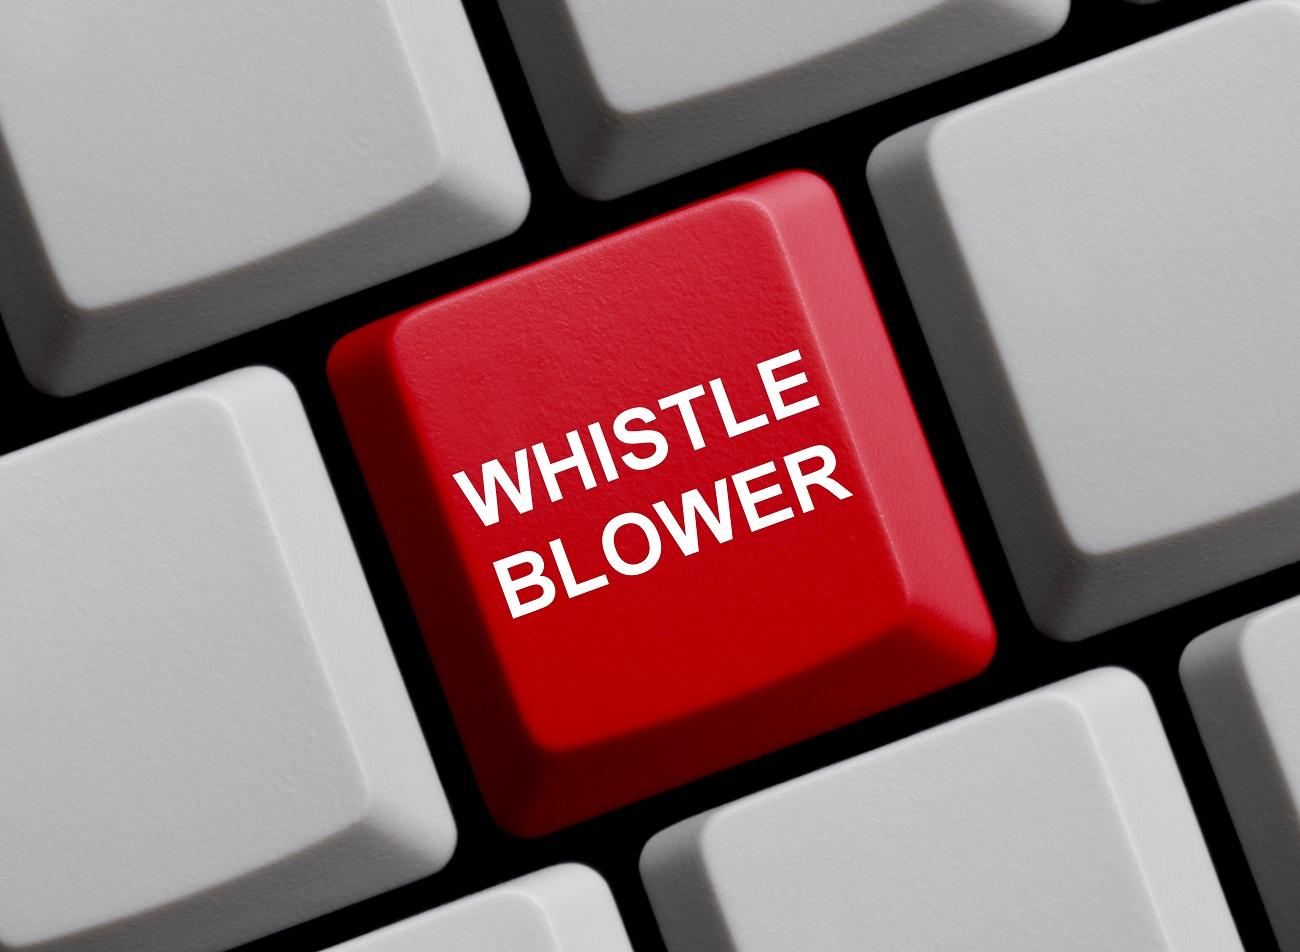 Bildergebnis für Whistleblower